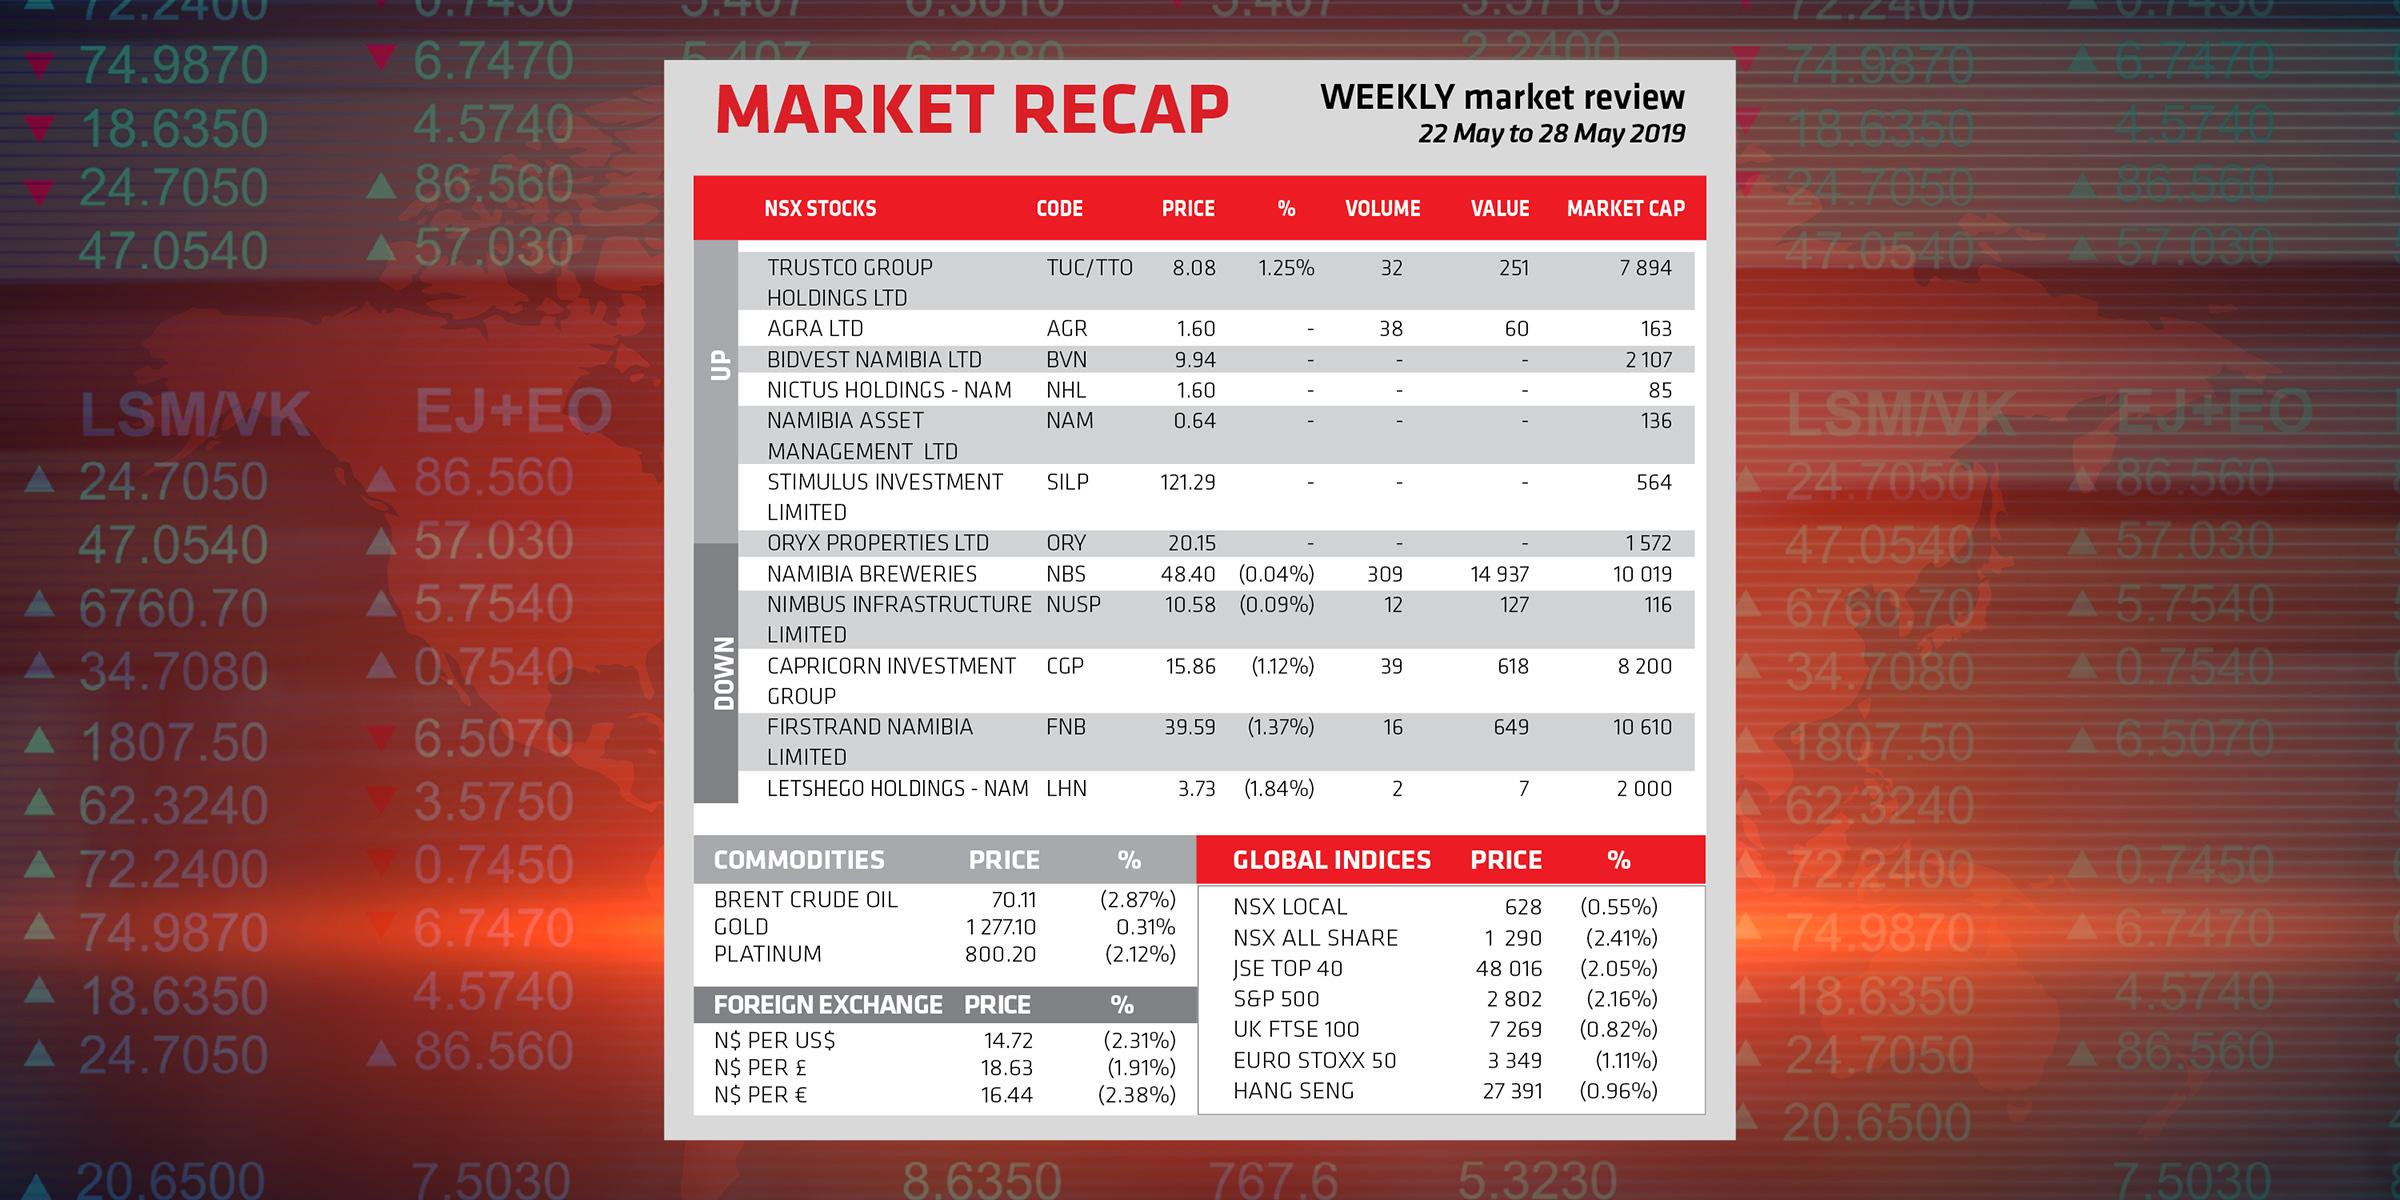 Market Recap 22 May to 28 May 2019